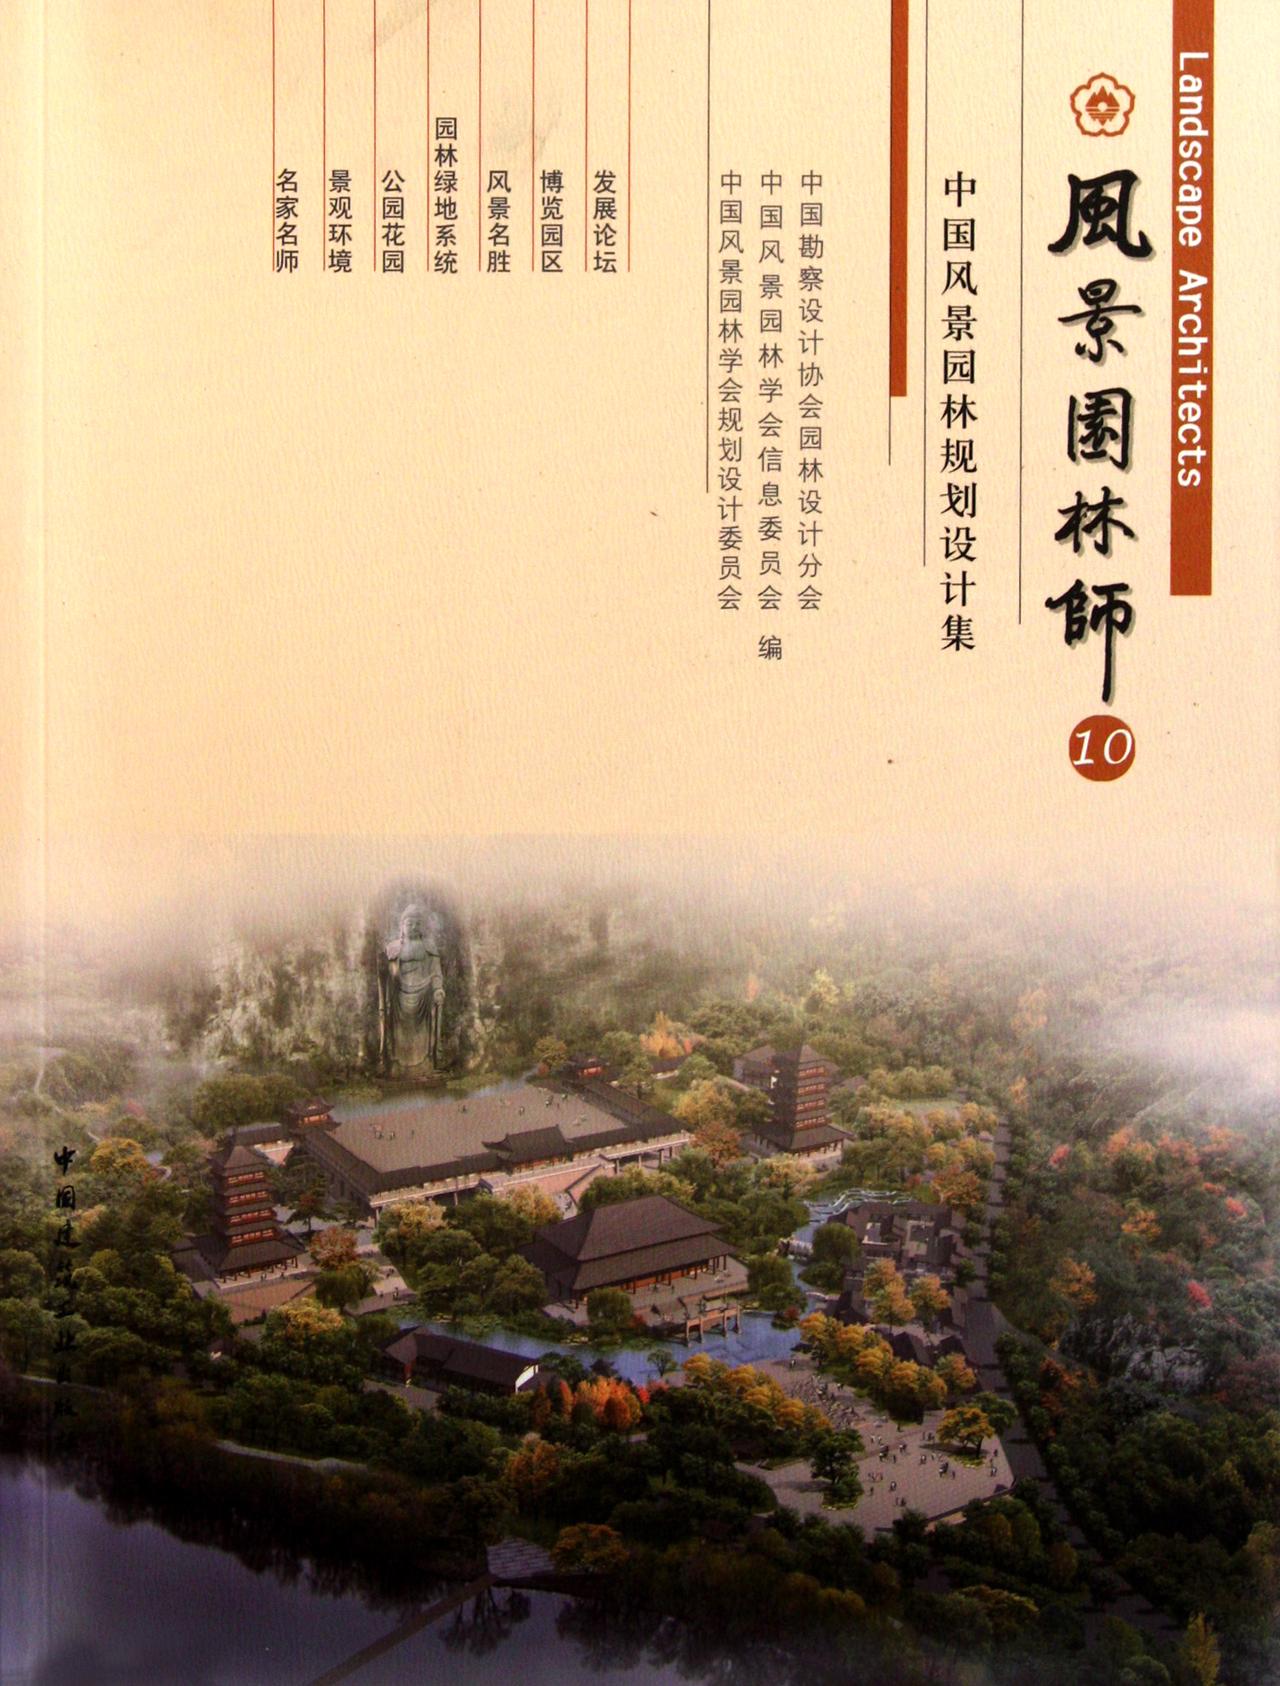 及创新——济南大明湖风景名胜区整治改造规划设计